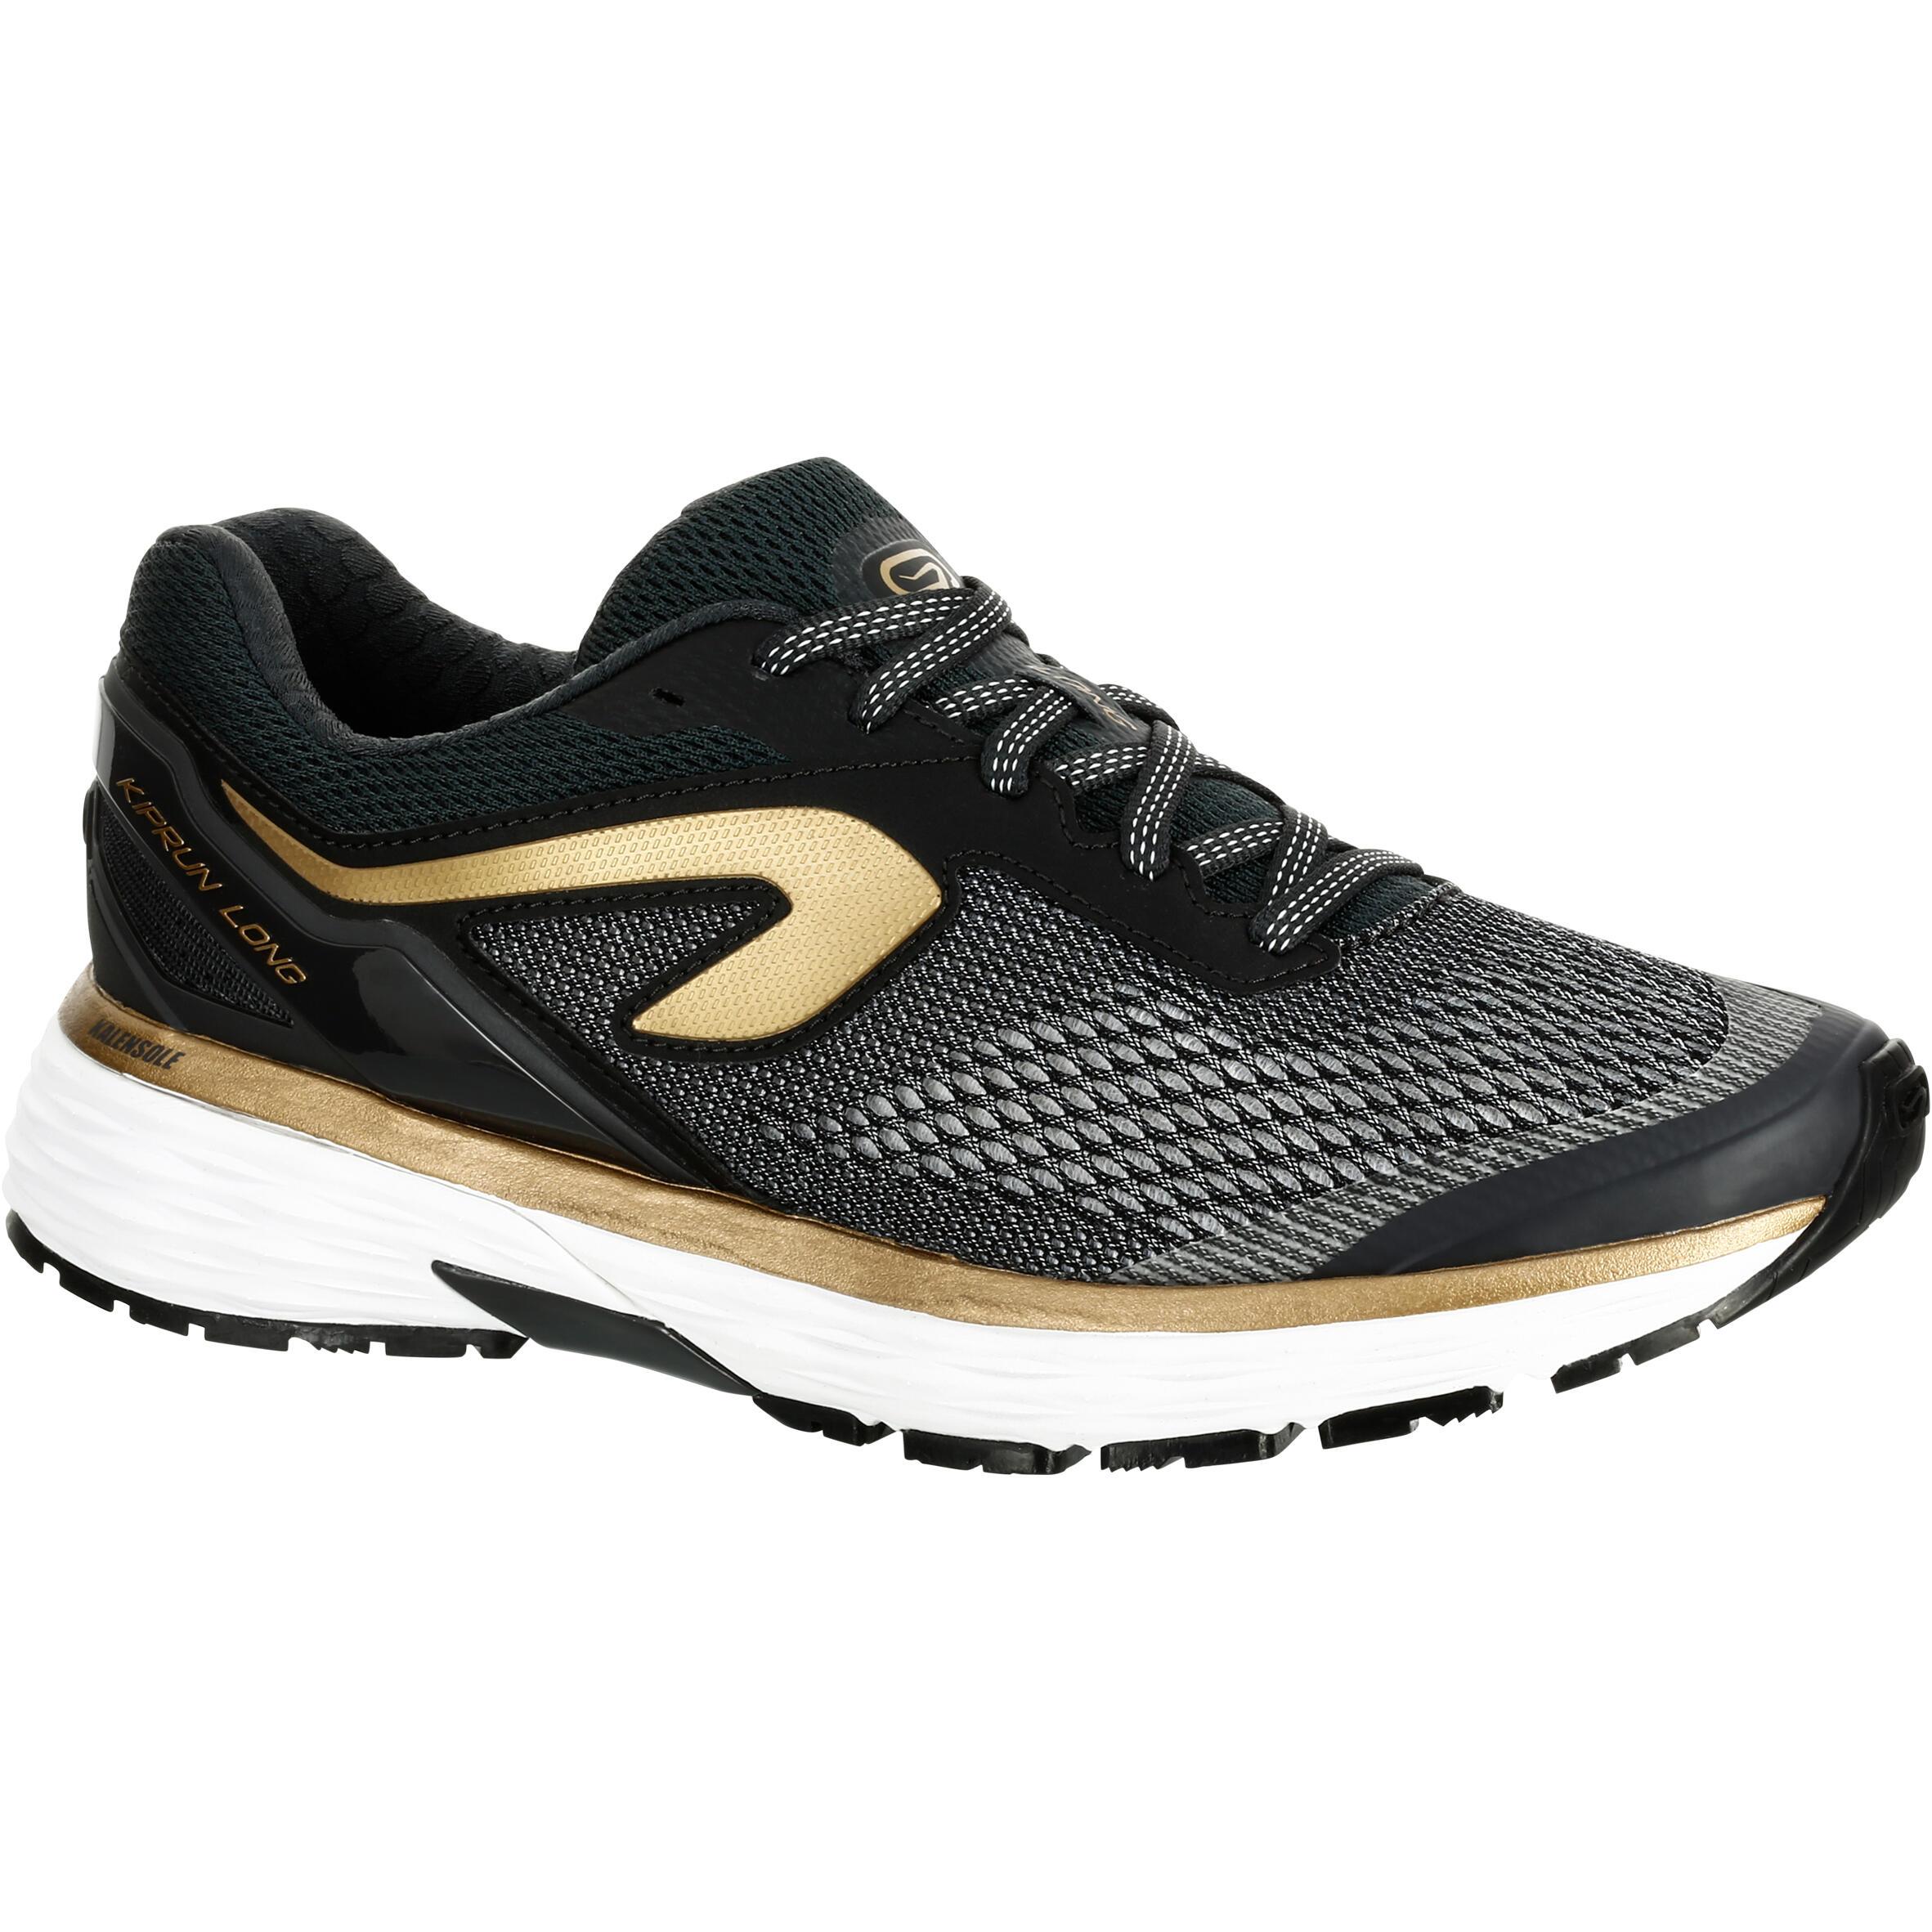 2501830 Kalenji Hardloopschoenen voor dames Kiprun Long zwart goud